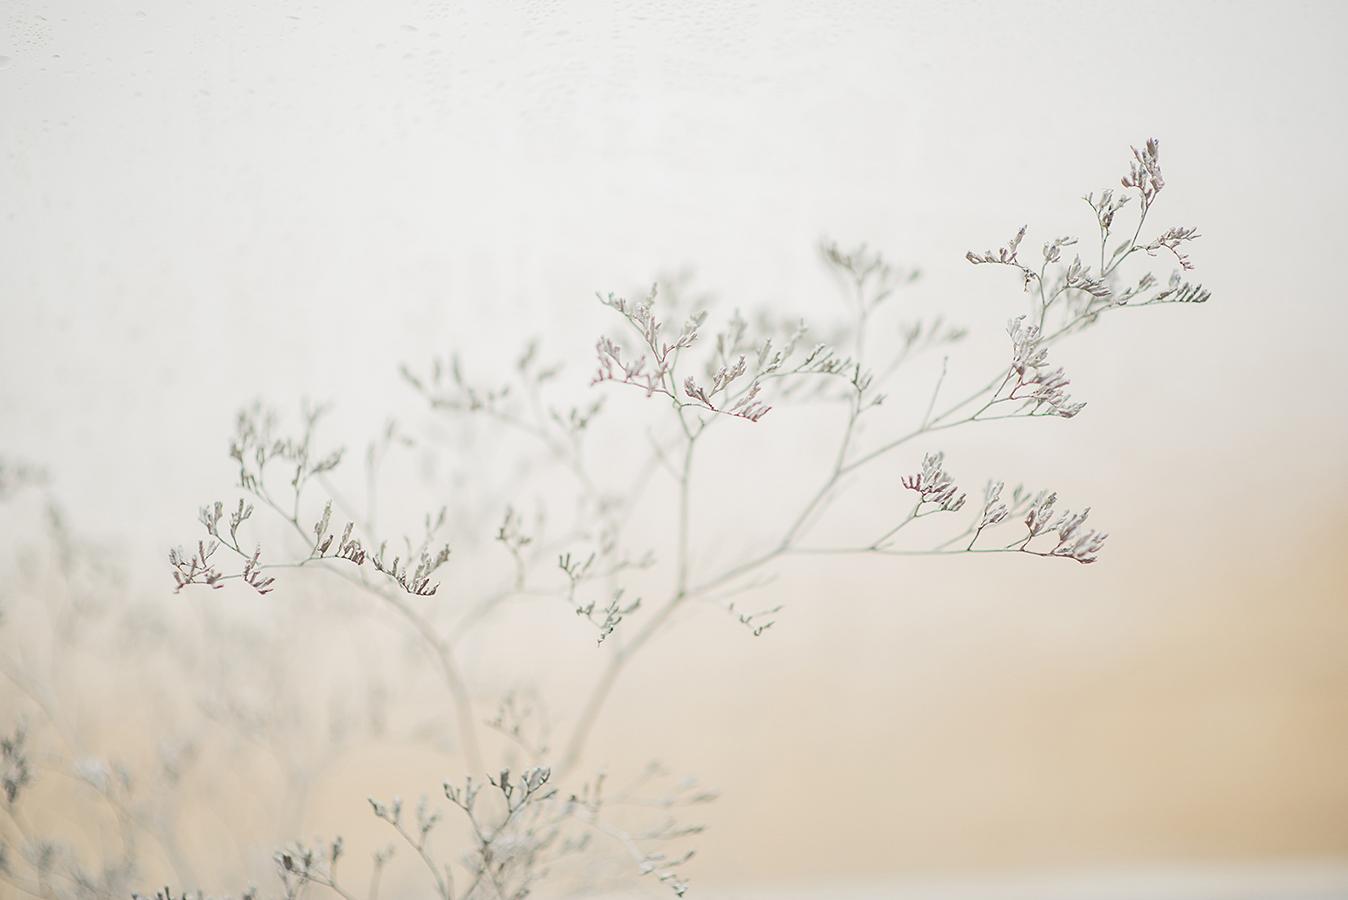 MILUNA-Ewa-Milun-Walczak-Piekne-Kwiaty-Zimowy-Zima-makro-suchotka-bialy-4